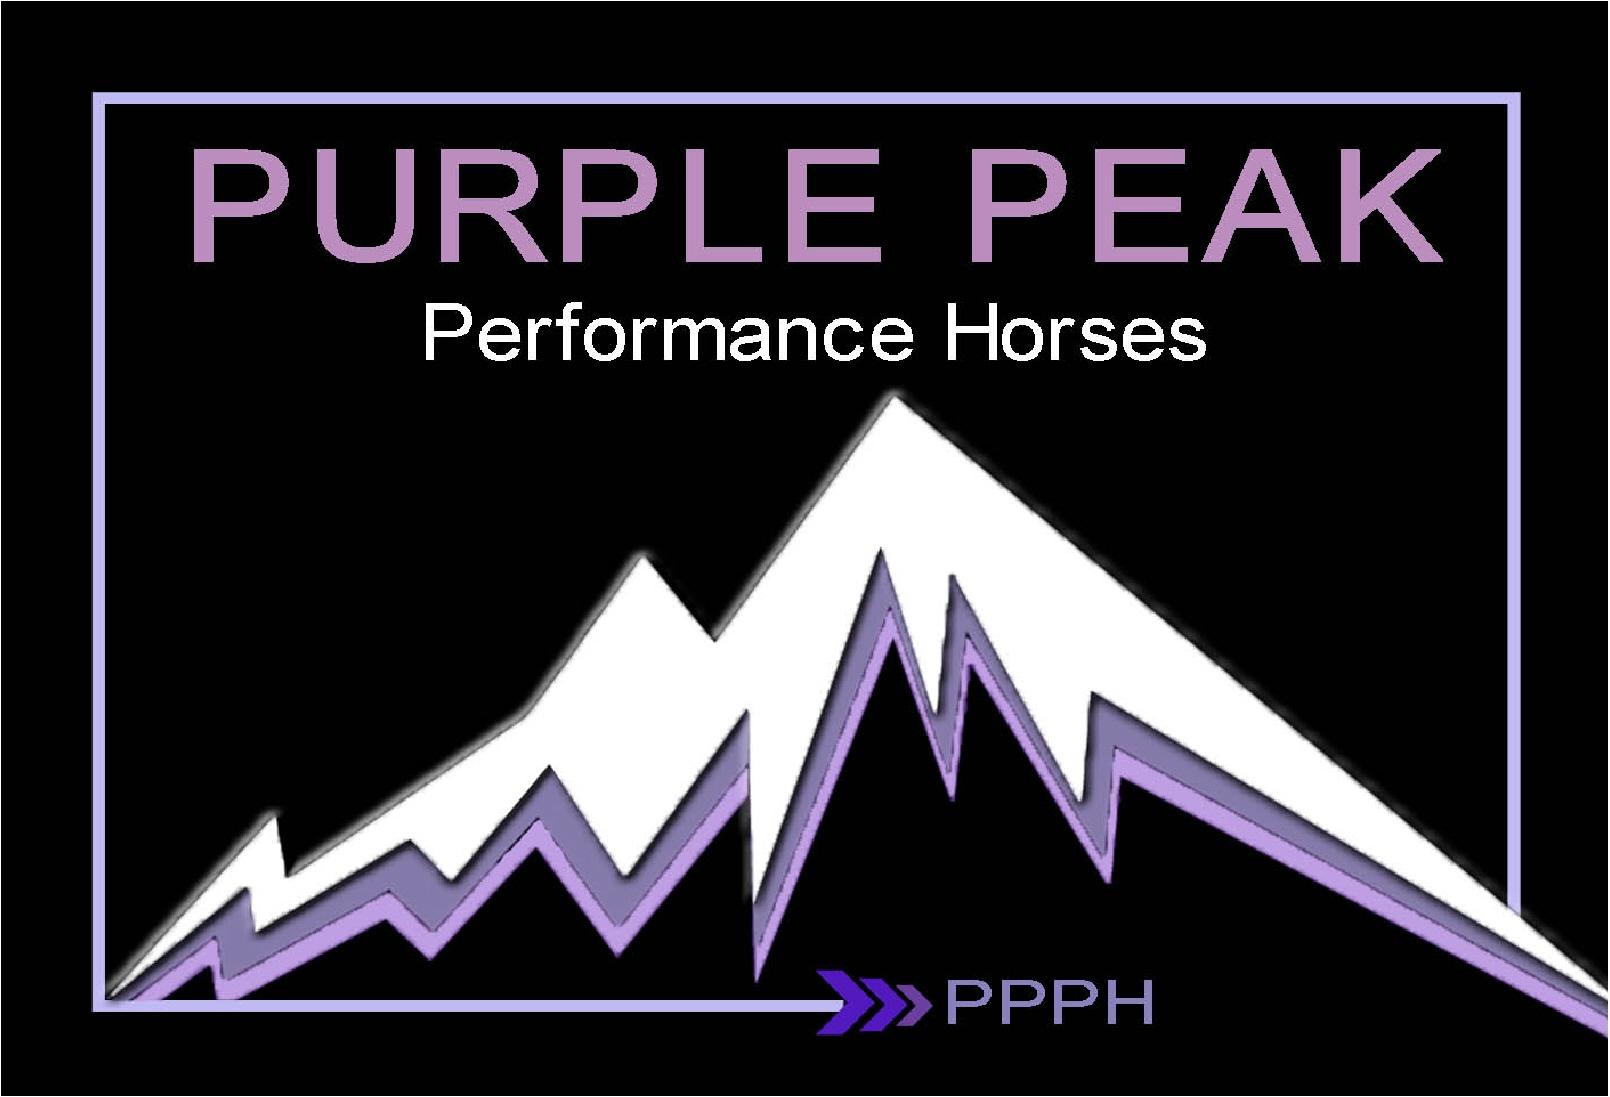 Purple Peak Performance Horses